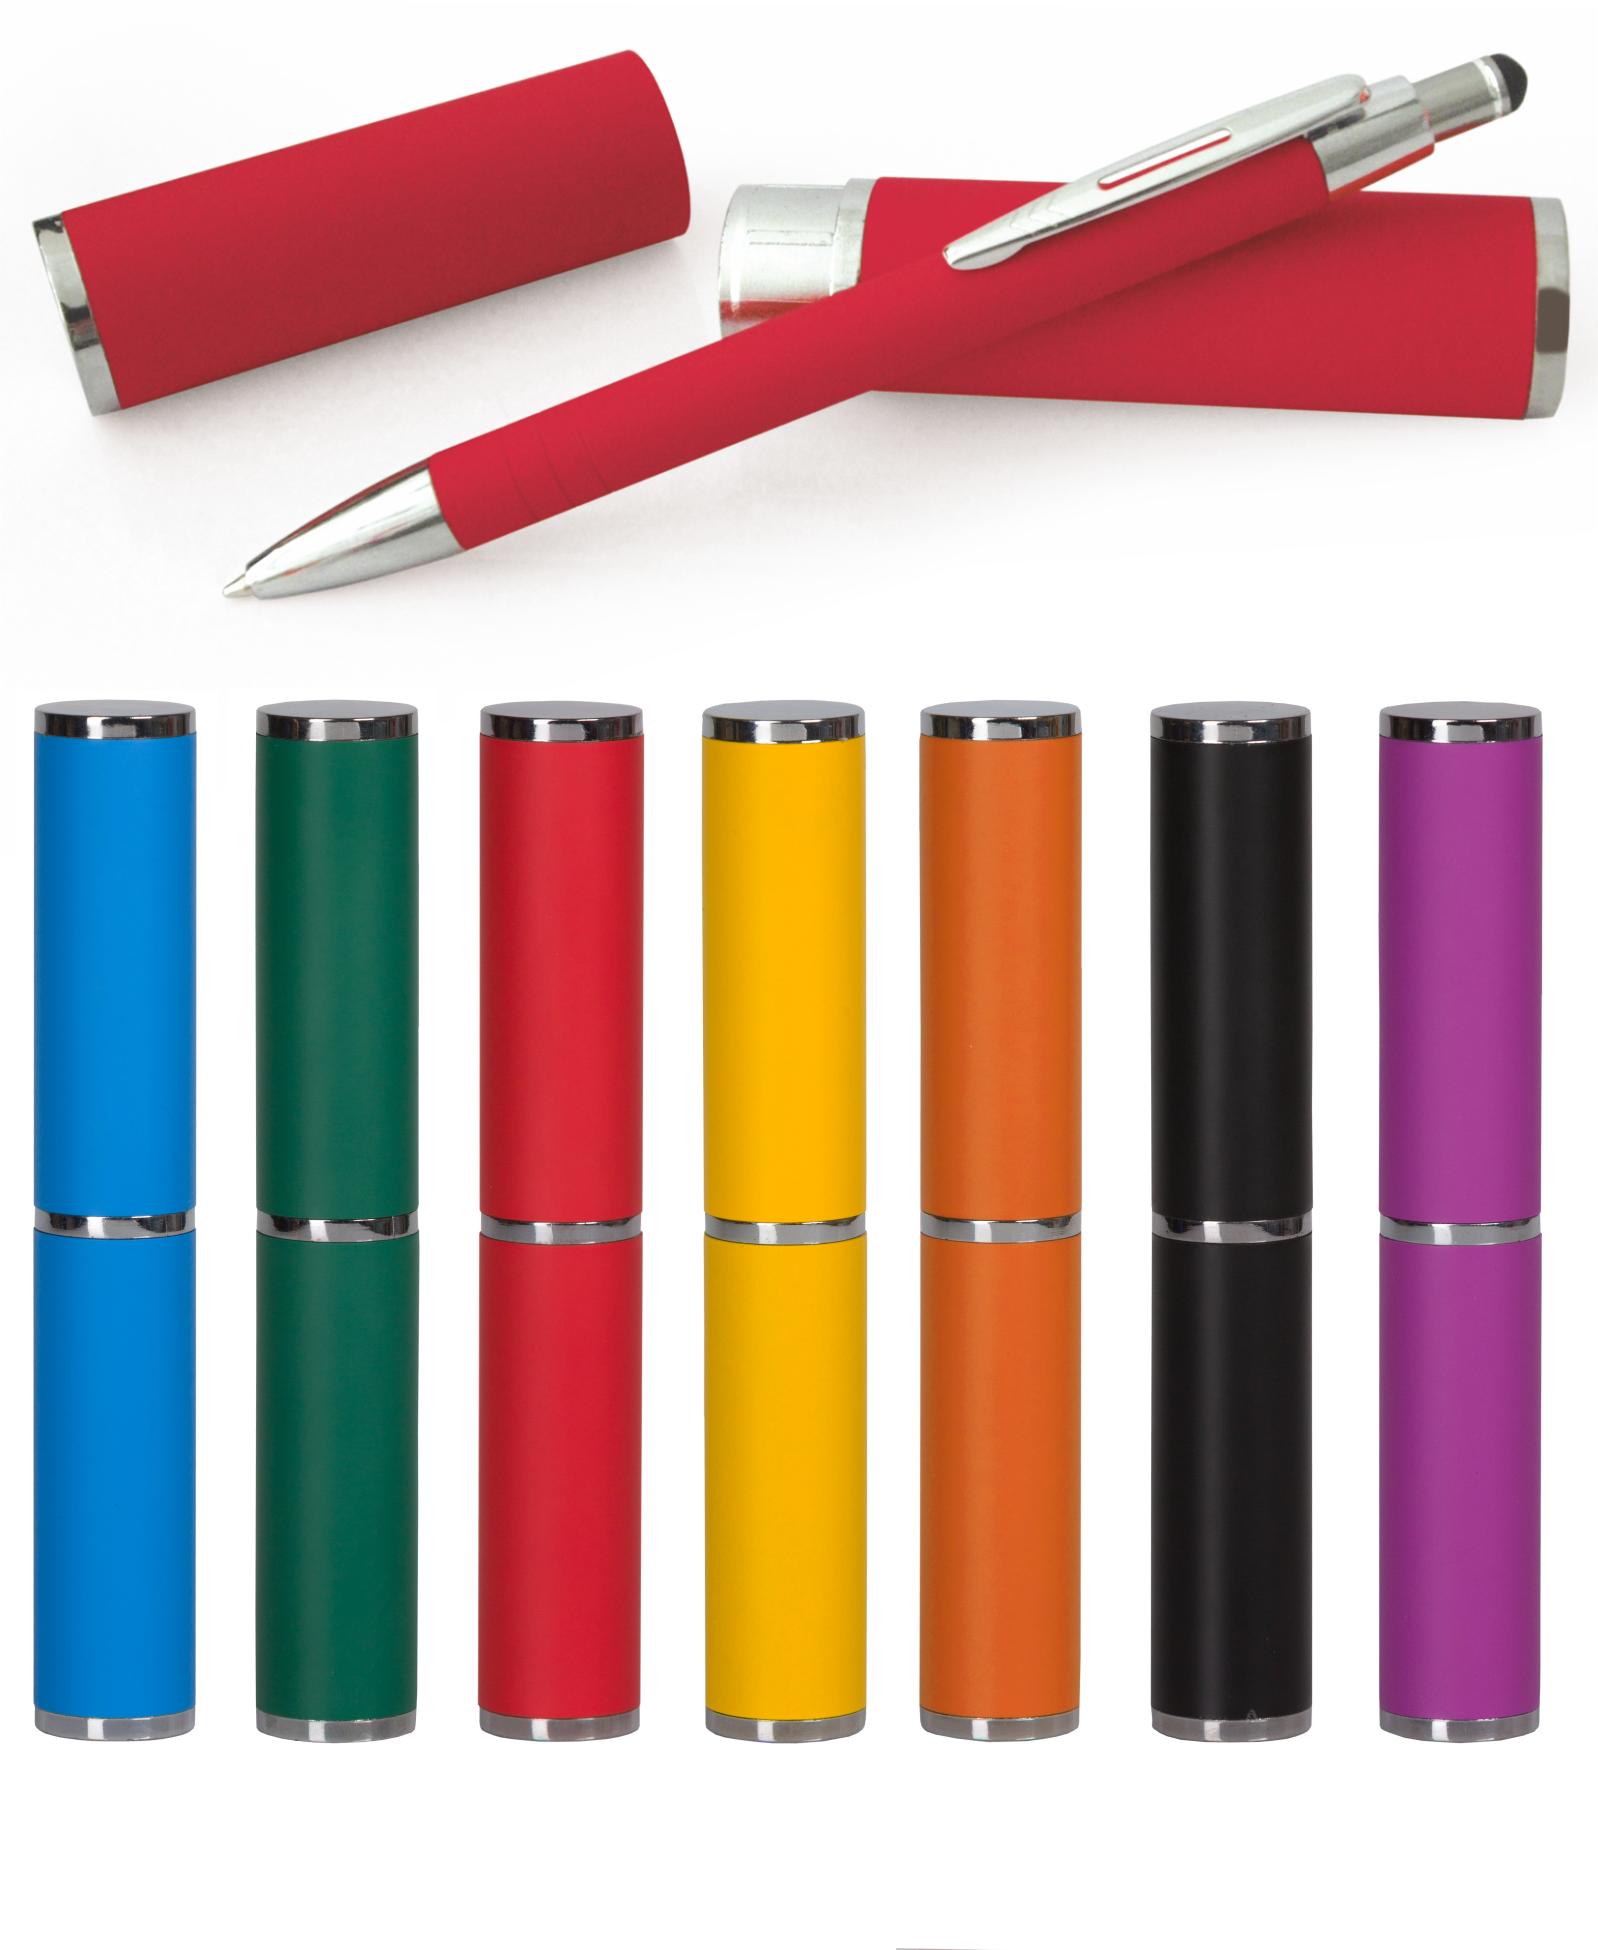 kugelschreiber bedrucken günstig